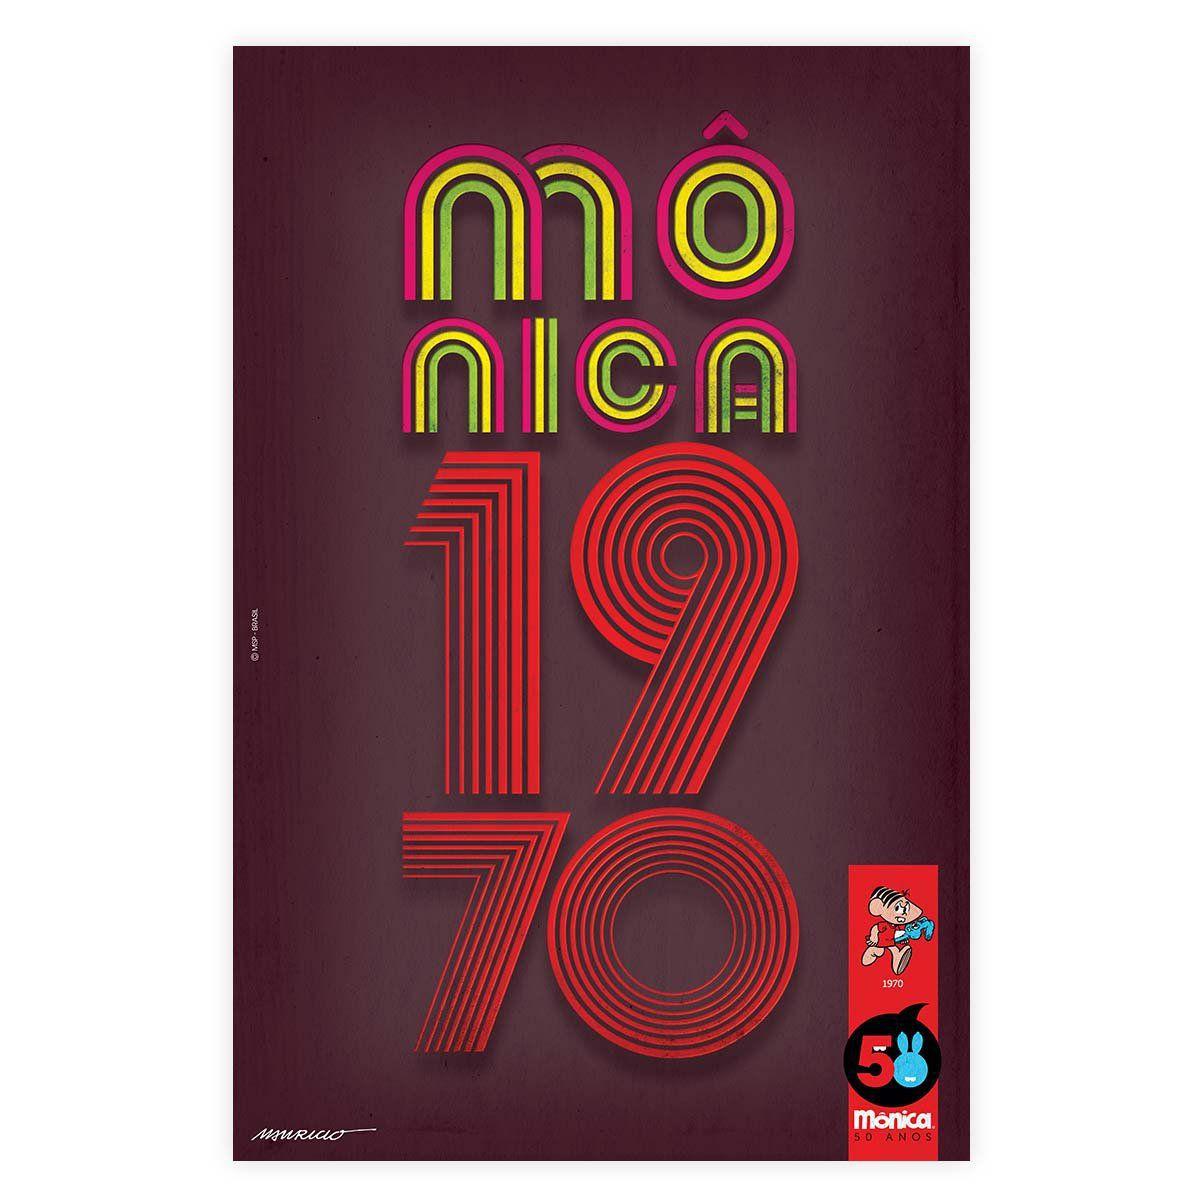 Pôster Turma da Mônica 50 Anos - Modelo 3 Anos 70